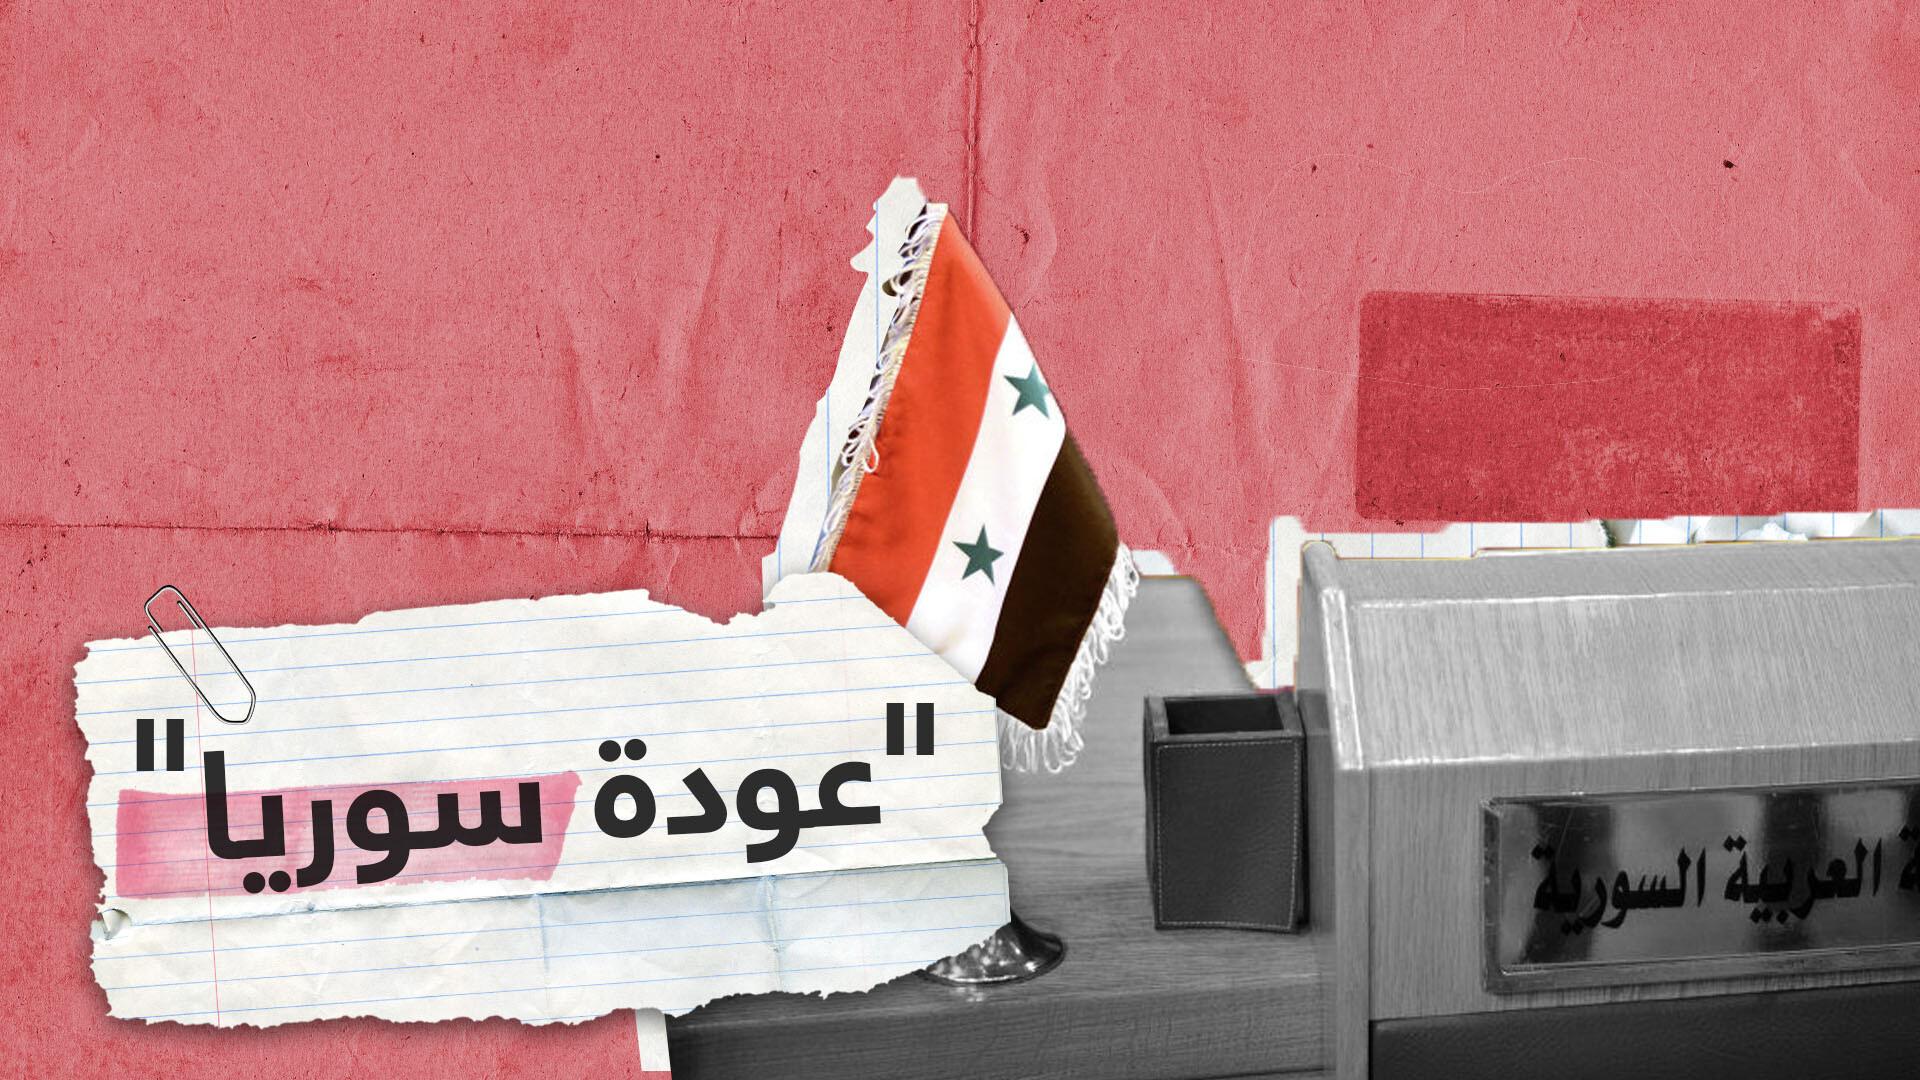 وزير خارجية لبنان لا يريد ضوءً أخضر خارجيا من أجل سوريا